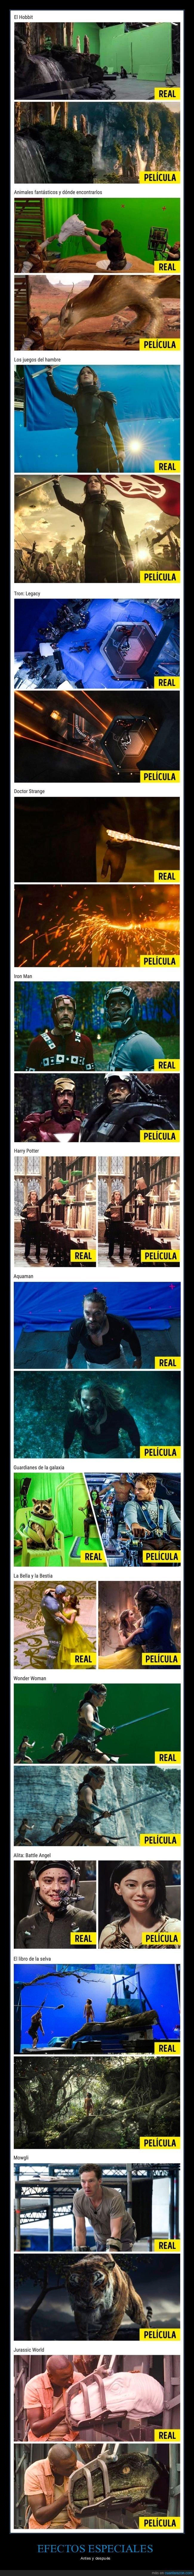 antes,cine,después,efectos especiales,películas